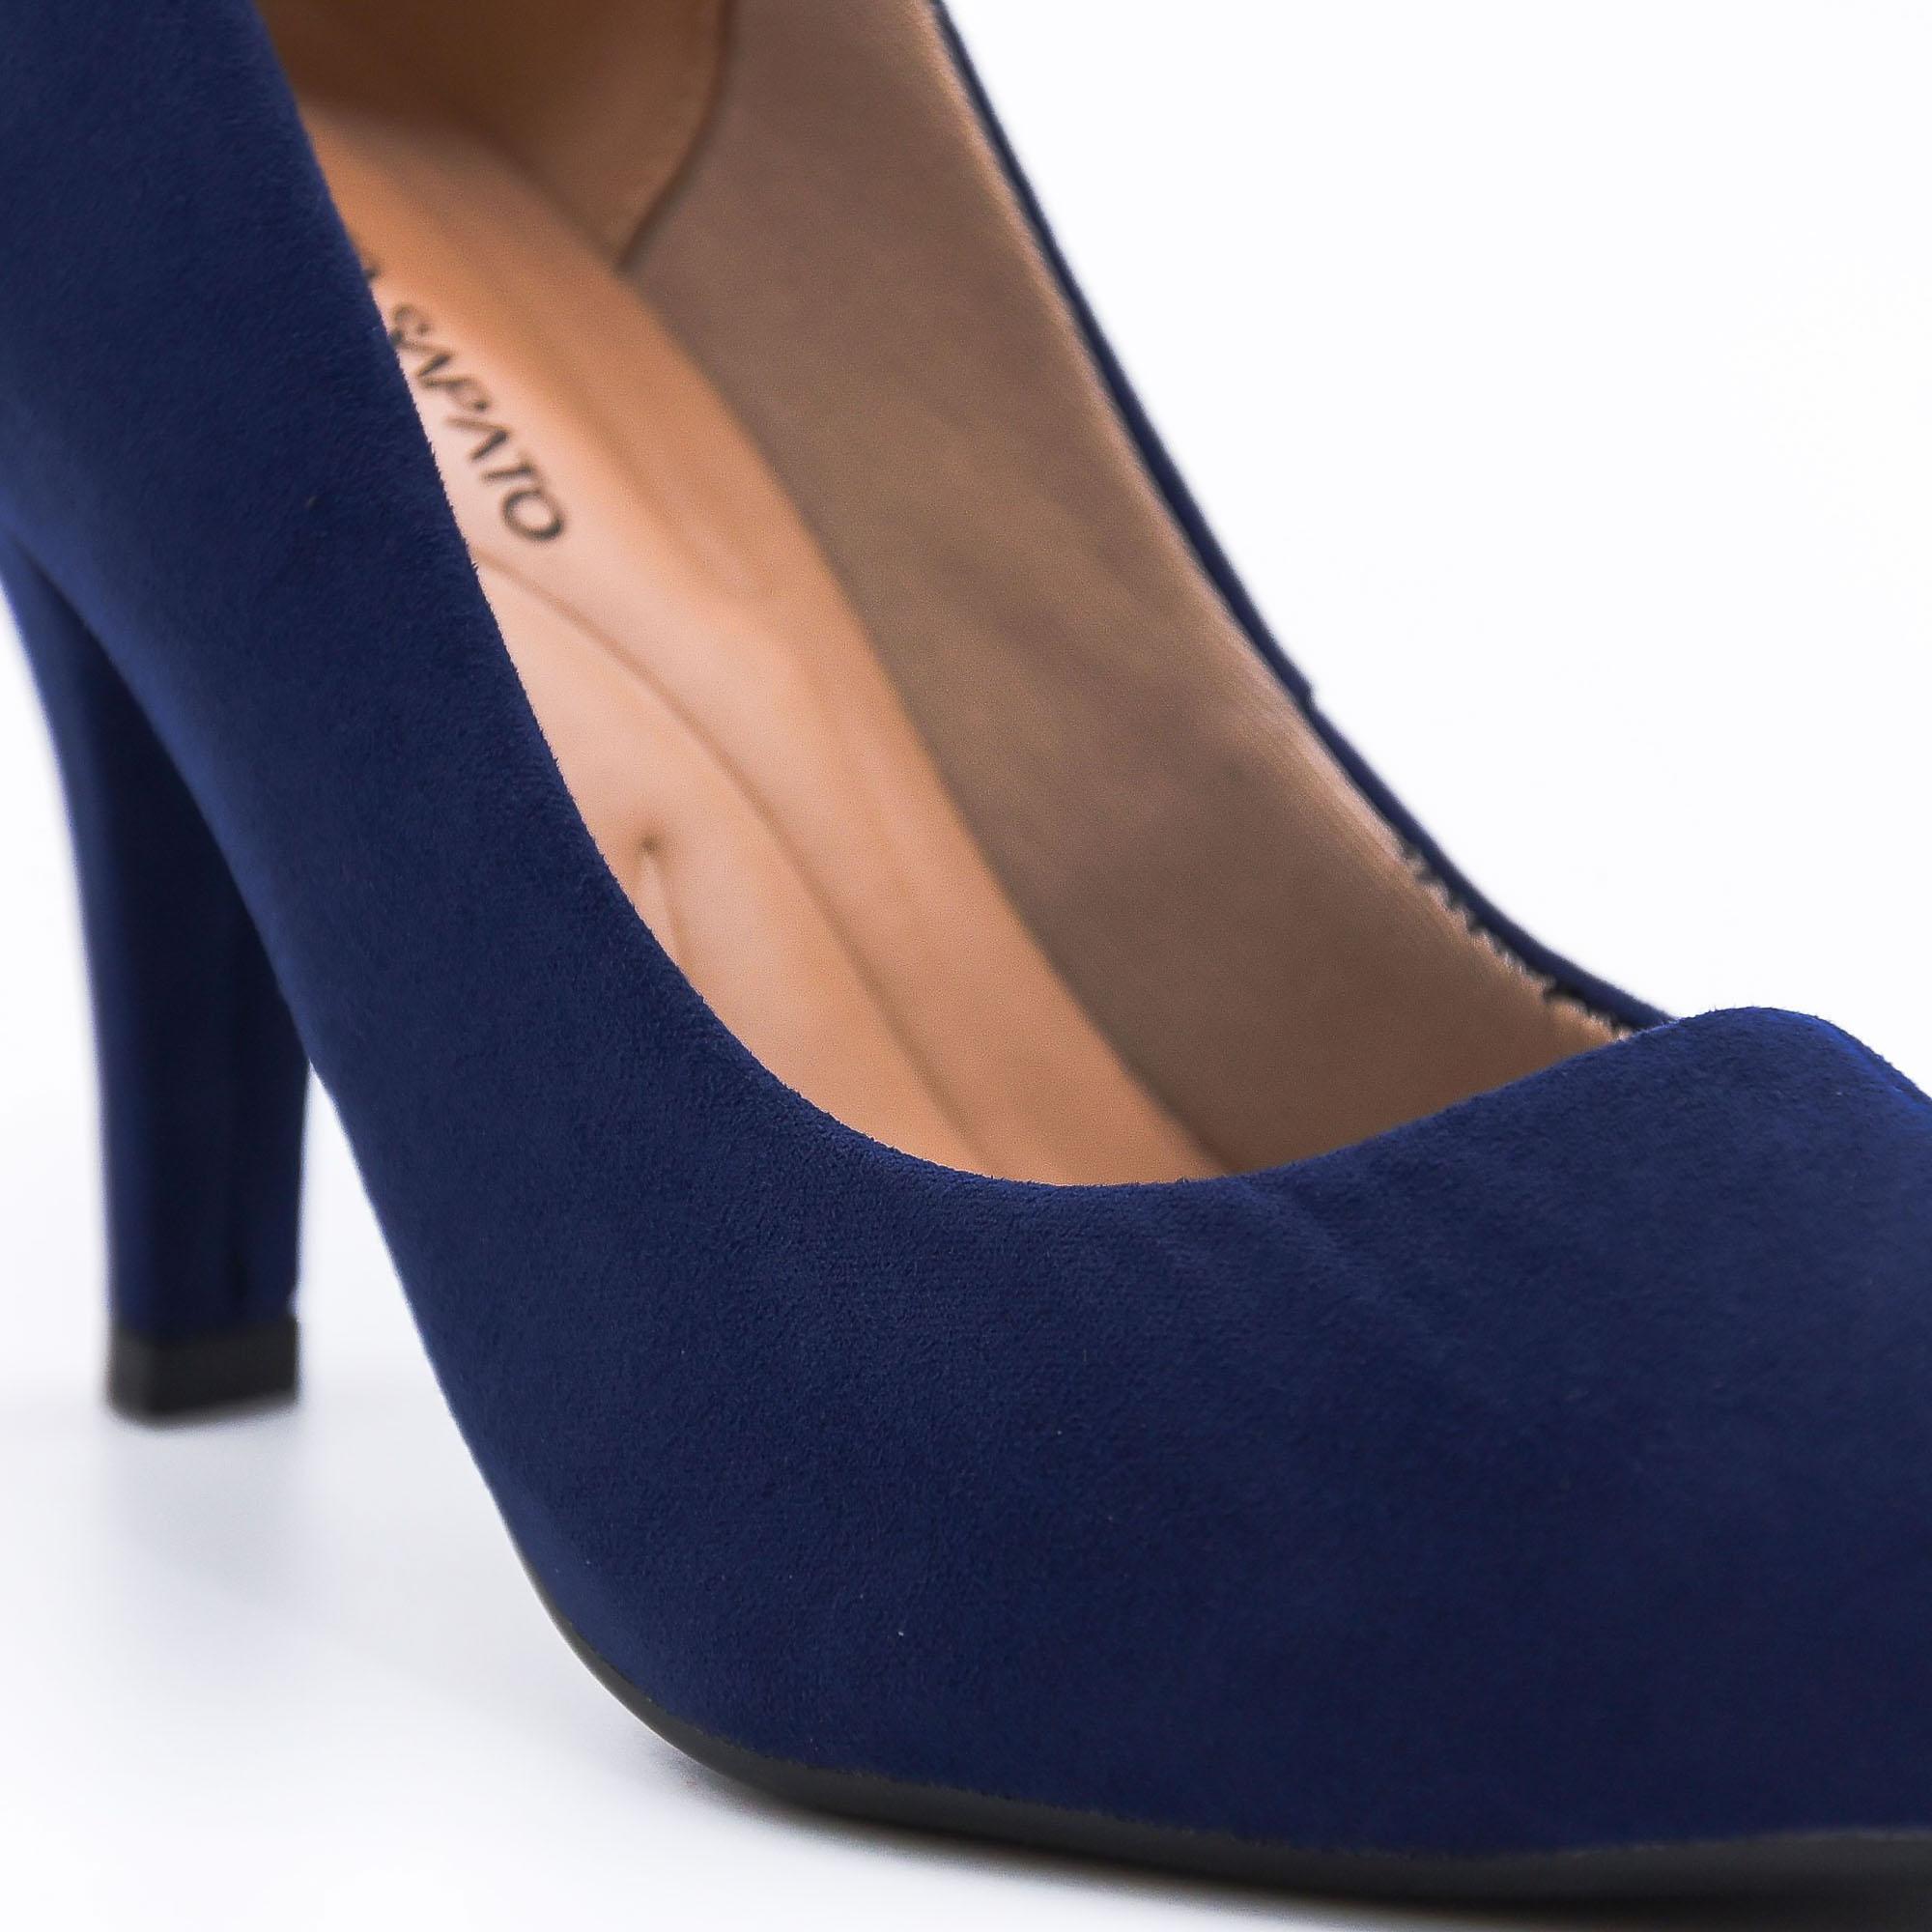 Scarpin marinho salto fino médio Bendito Sapato